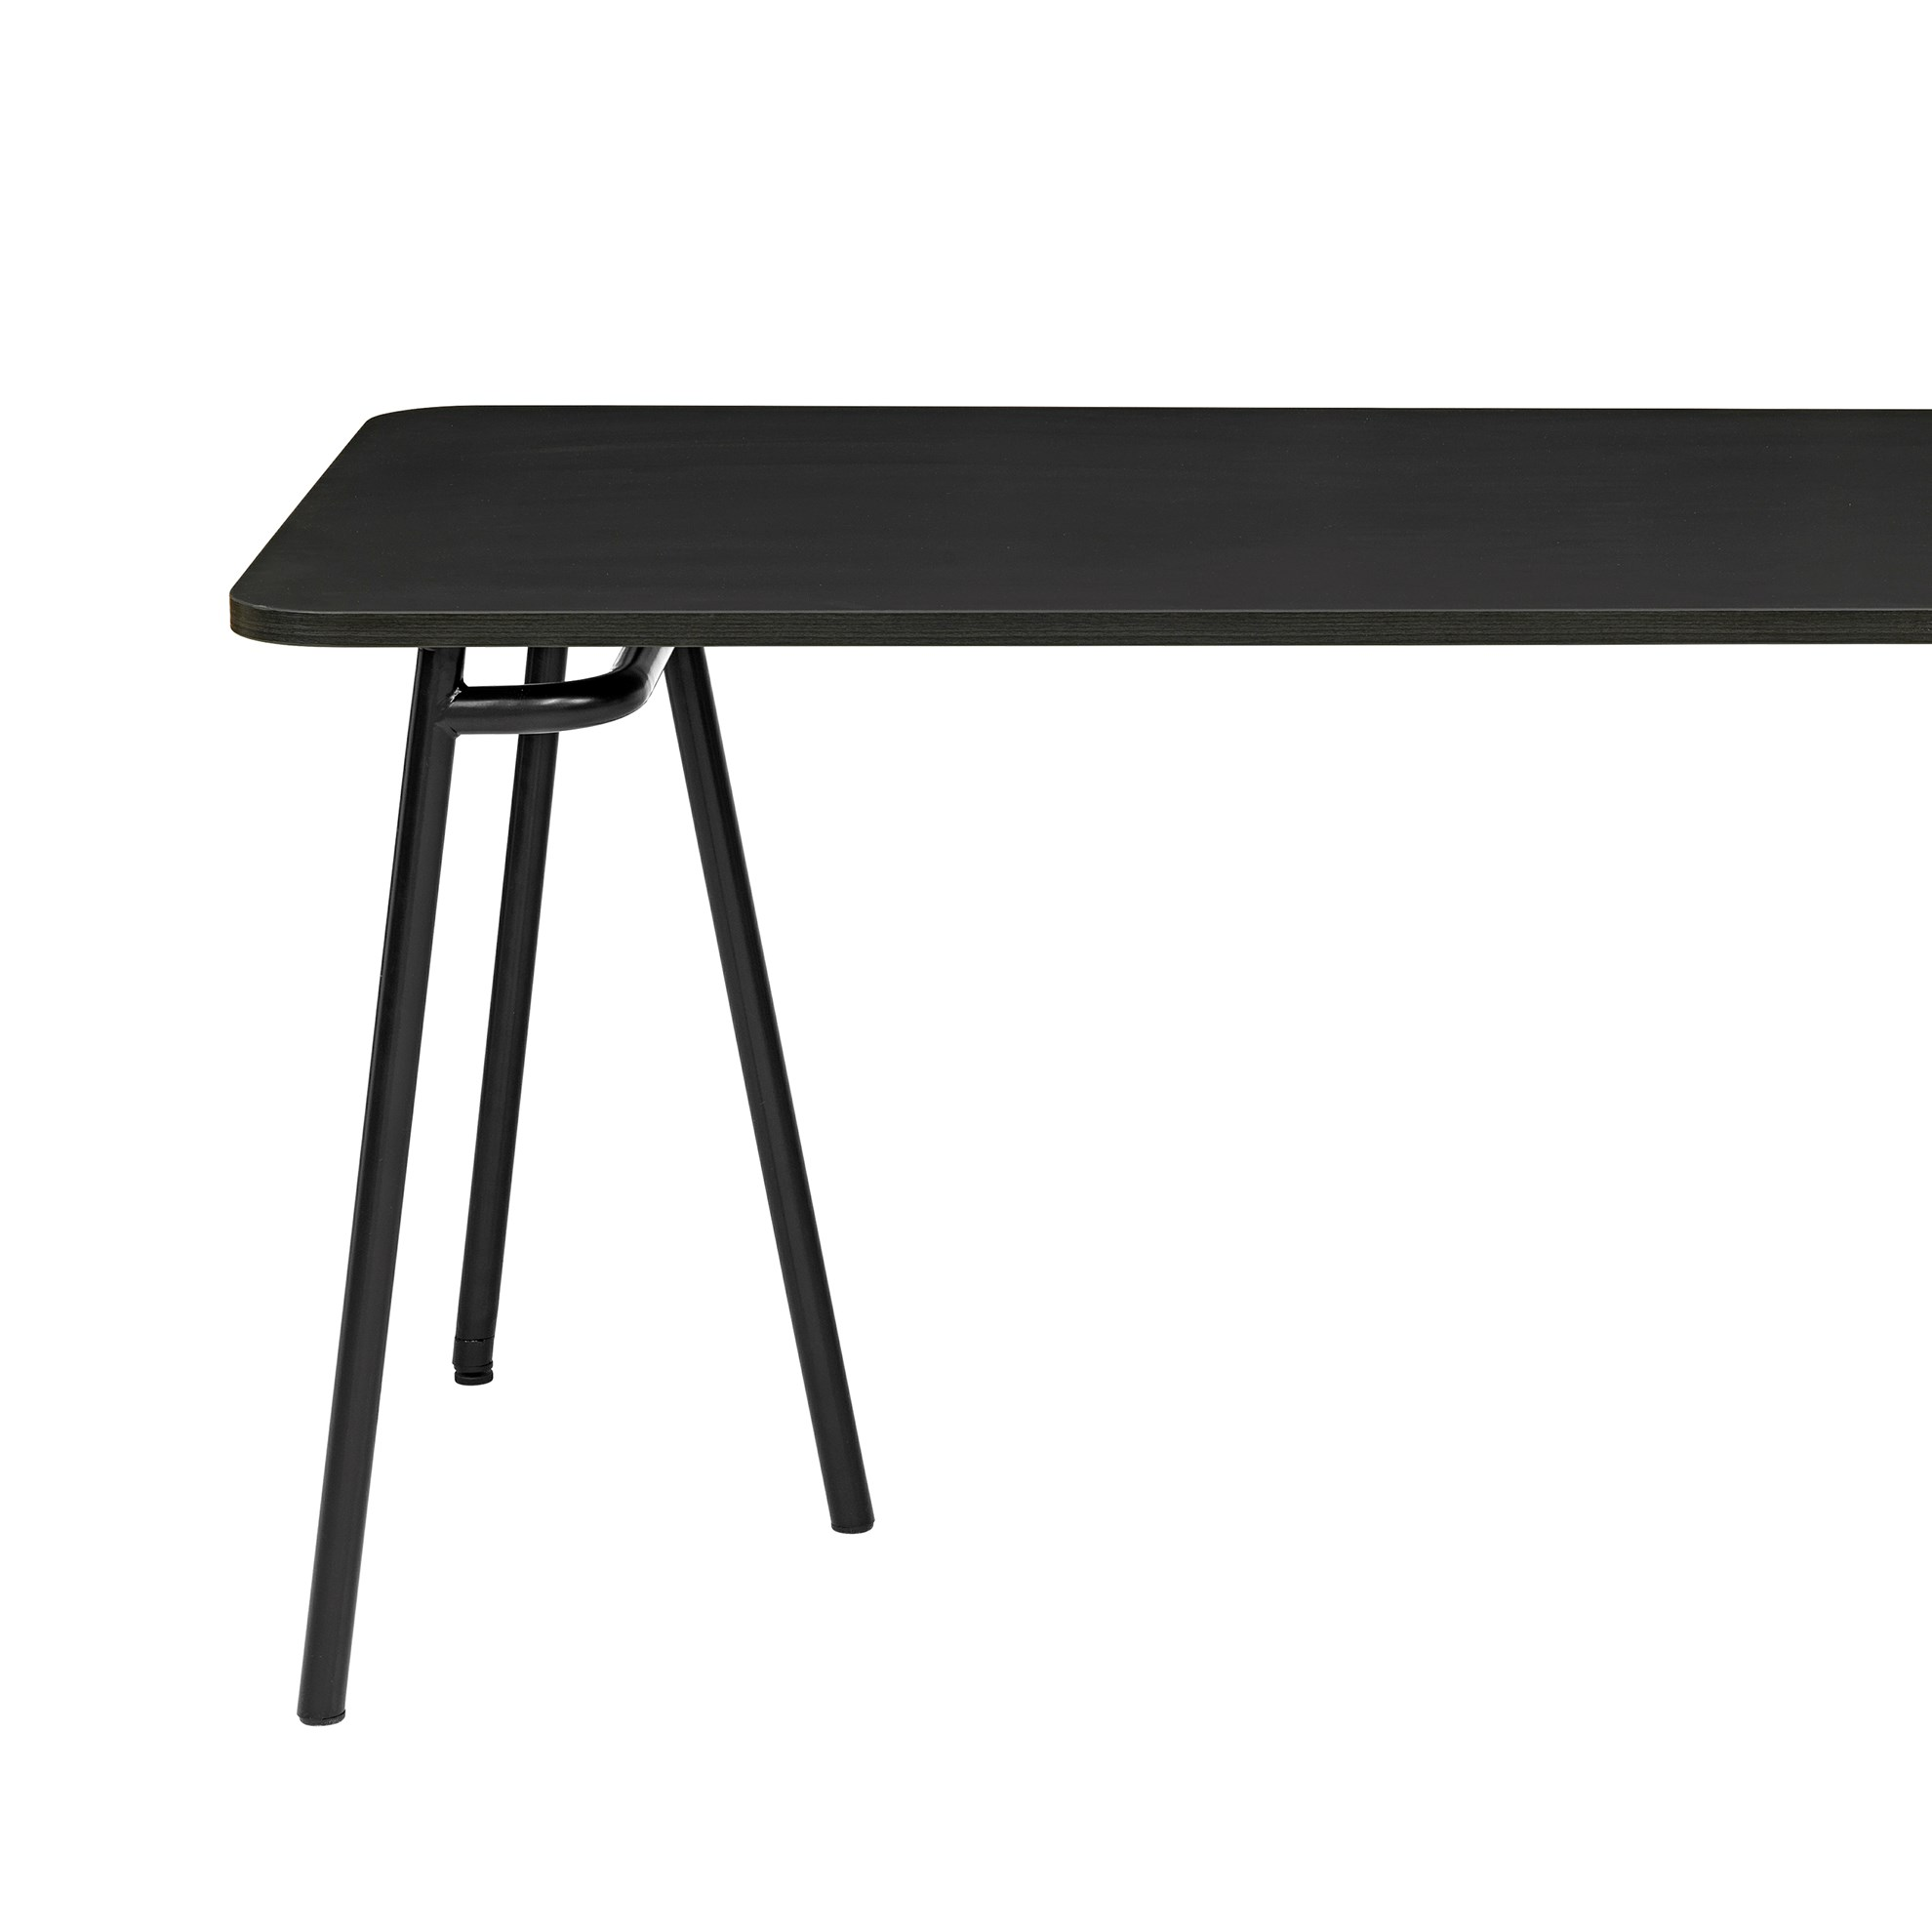 Deska pro jídelní stůl MOON LAMINATE (pouze deska)_3